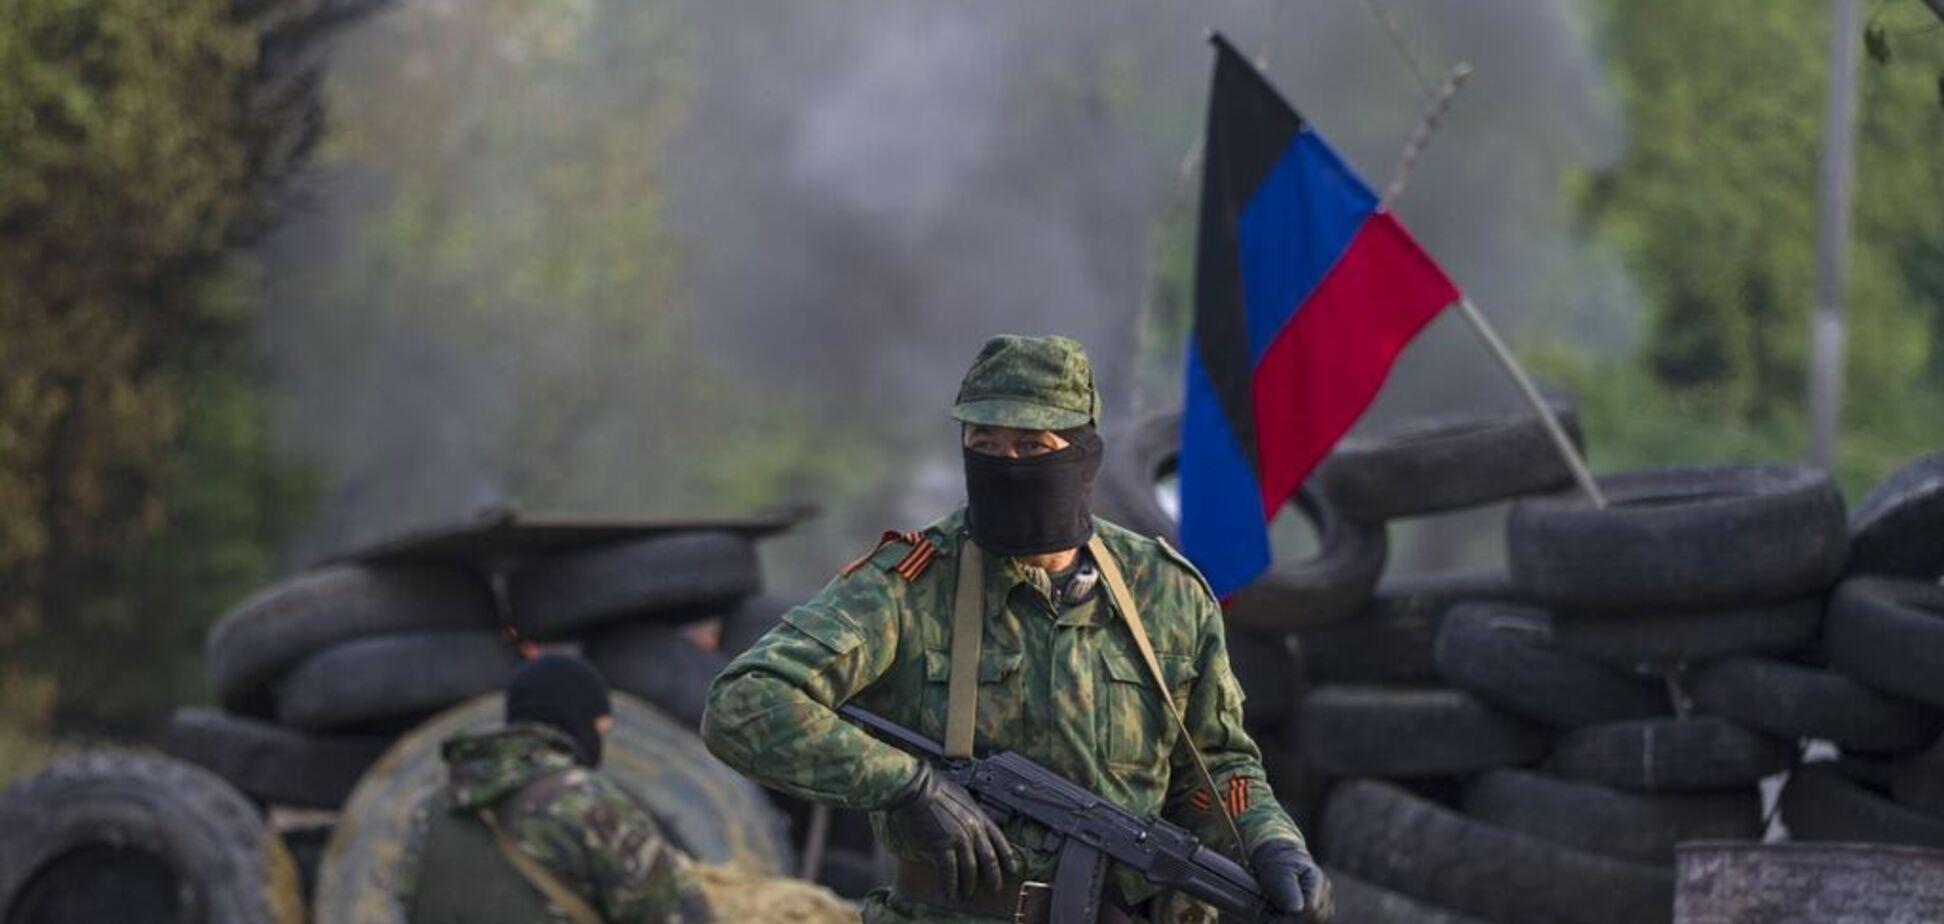 Самоликвидировался: ВСУ показали мертвого 'топ-чиновника 'ЛНР'